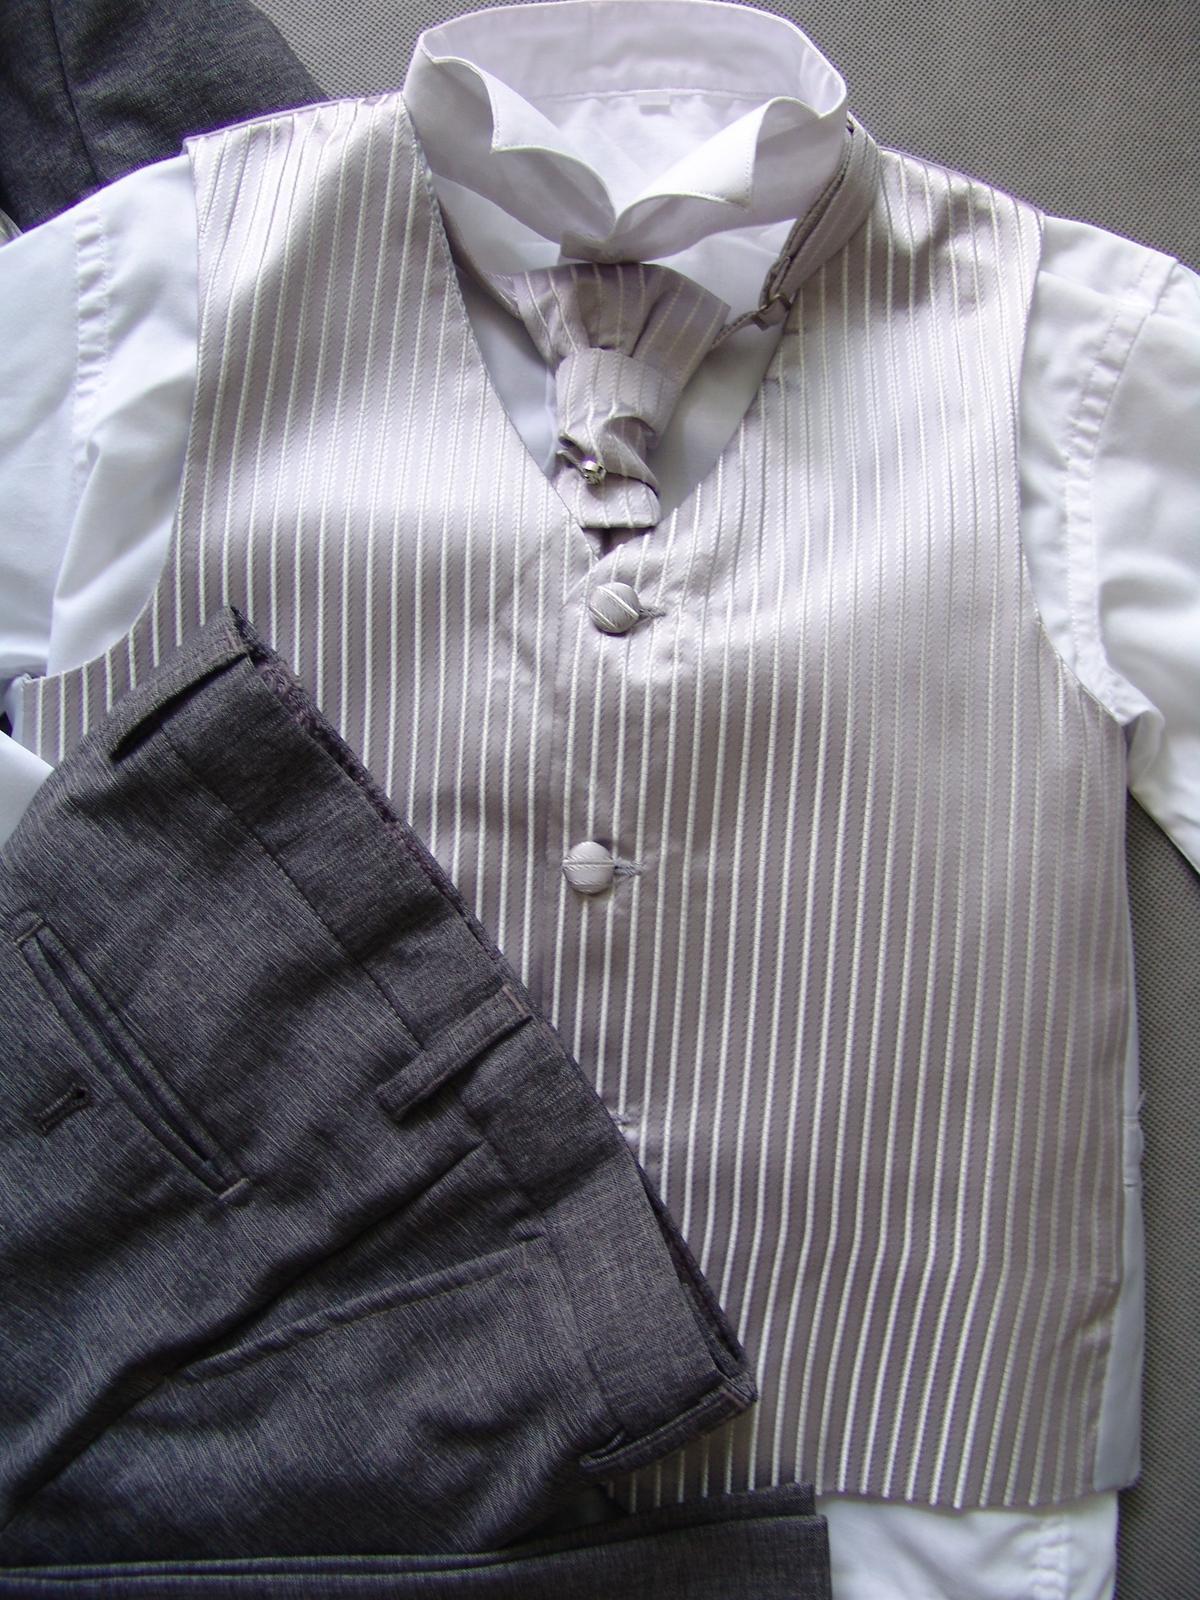 SKLADEM - šedý oblek k zapůjčení 7 a 11 let - Obrázek č. 3